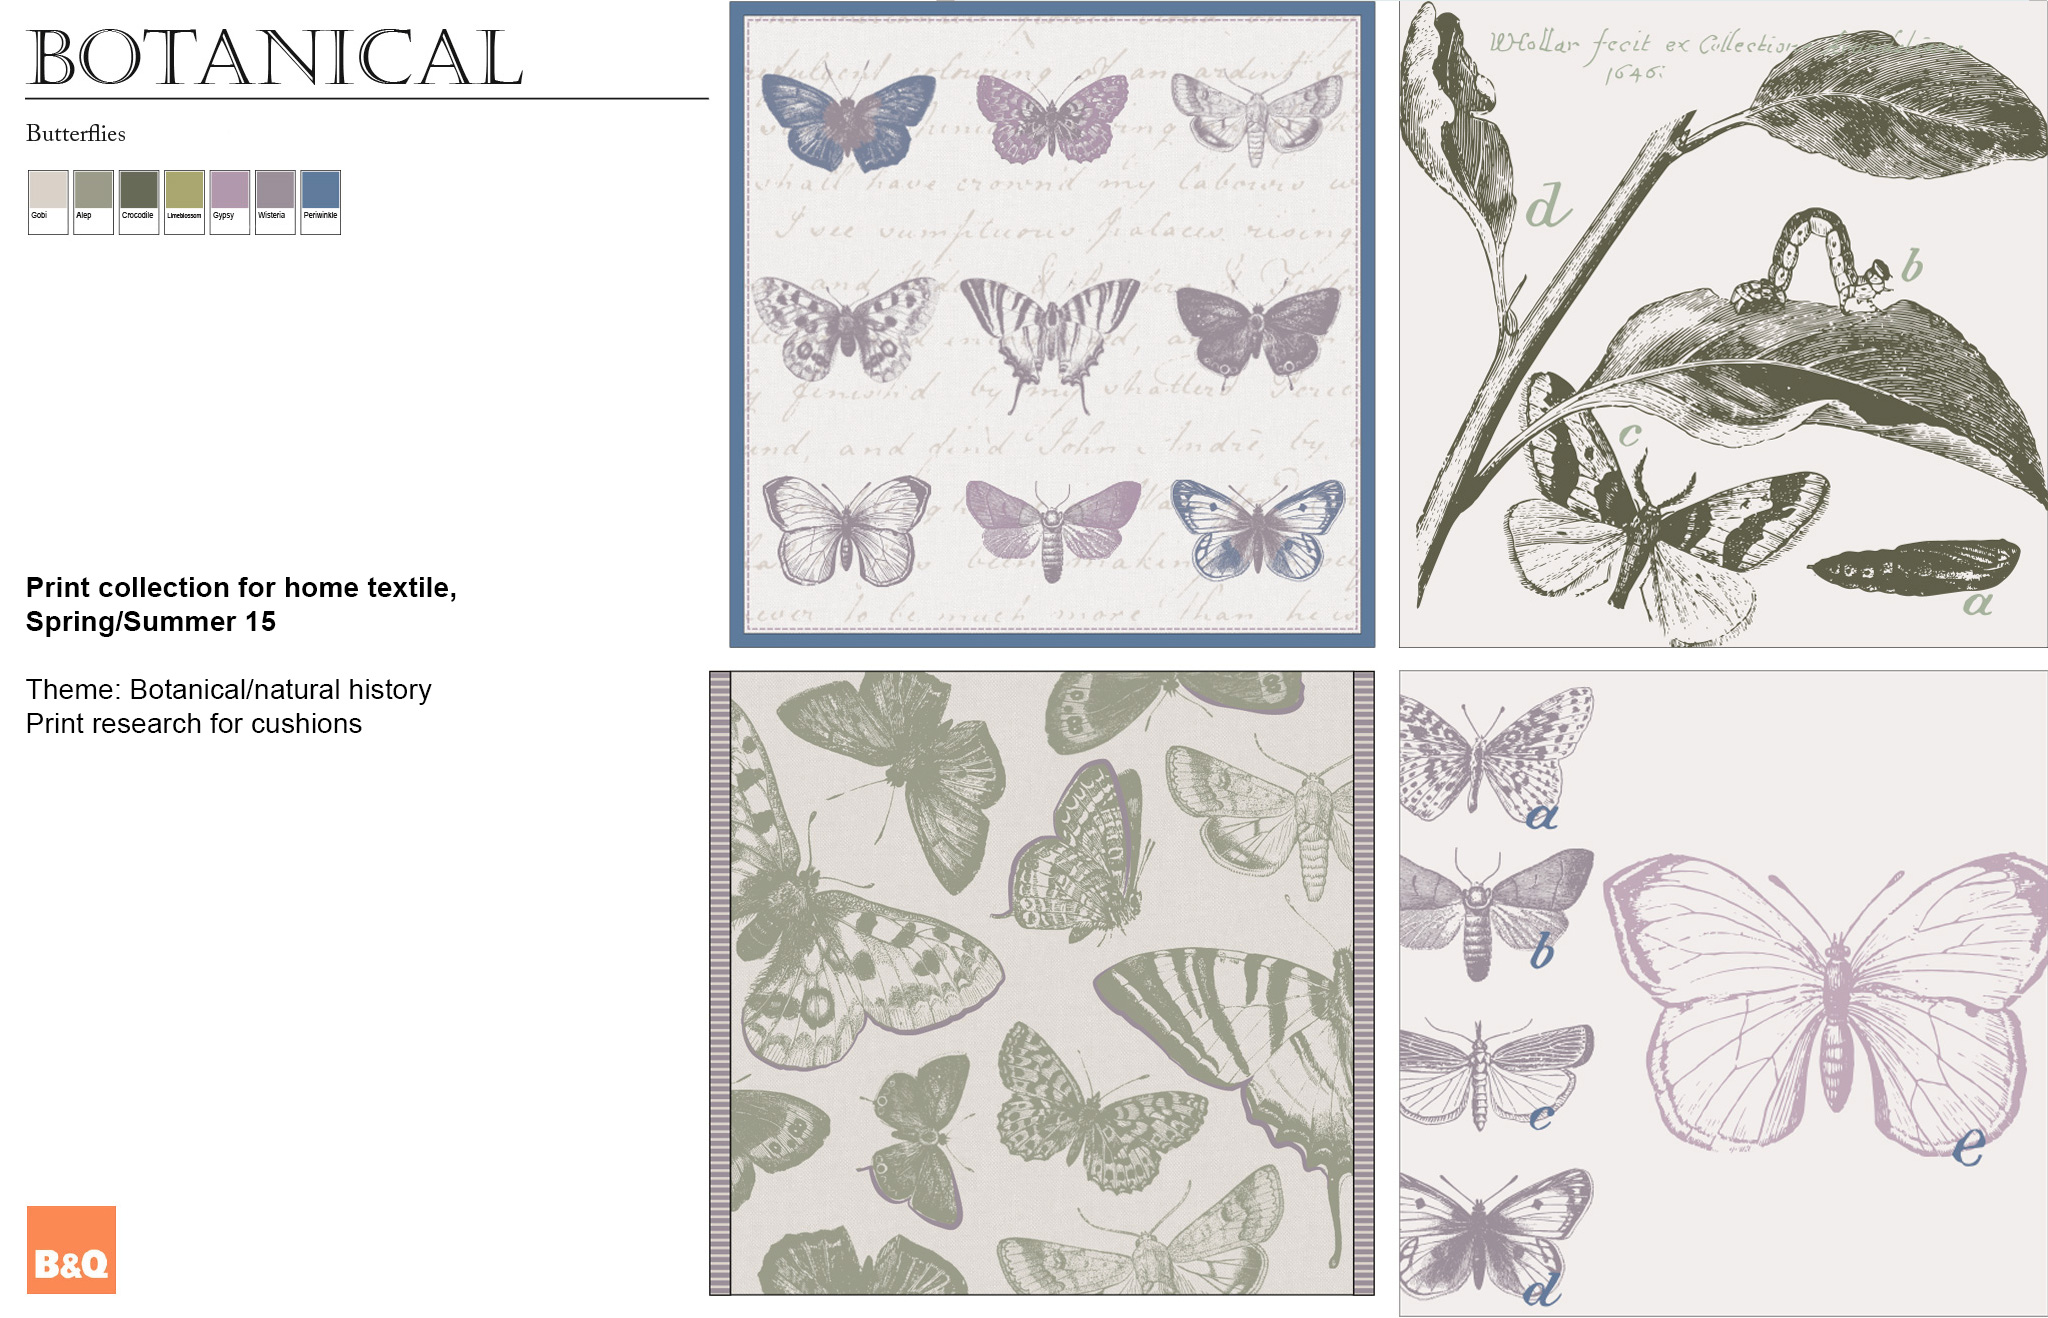 01-Botanical-butterflies